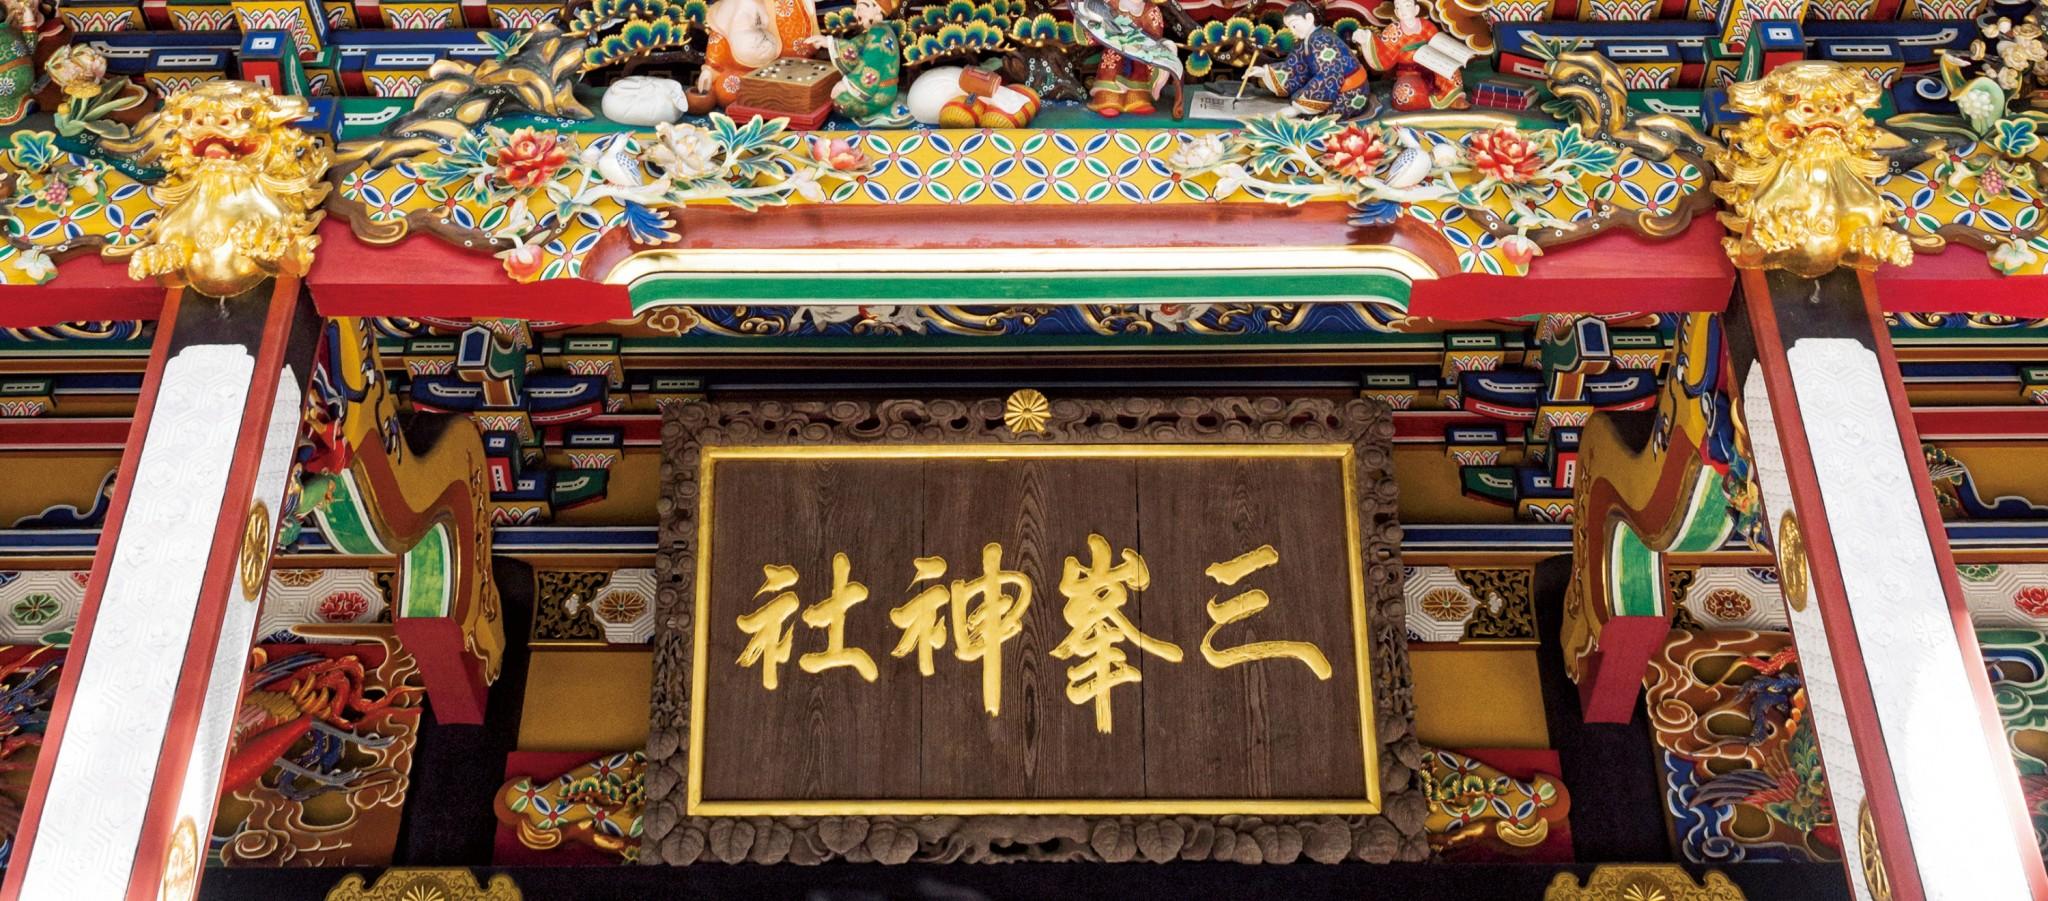 アスリートや芸能人がこぞって訪れる!?【埼玉】今旬のパワースポット〈三峯神社〉へ。